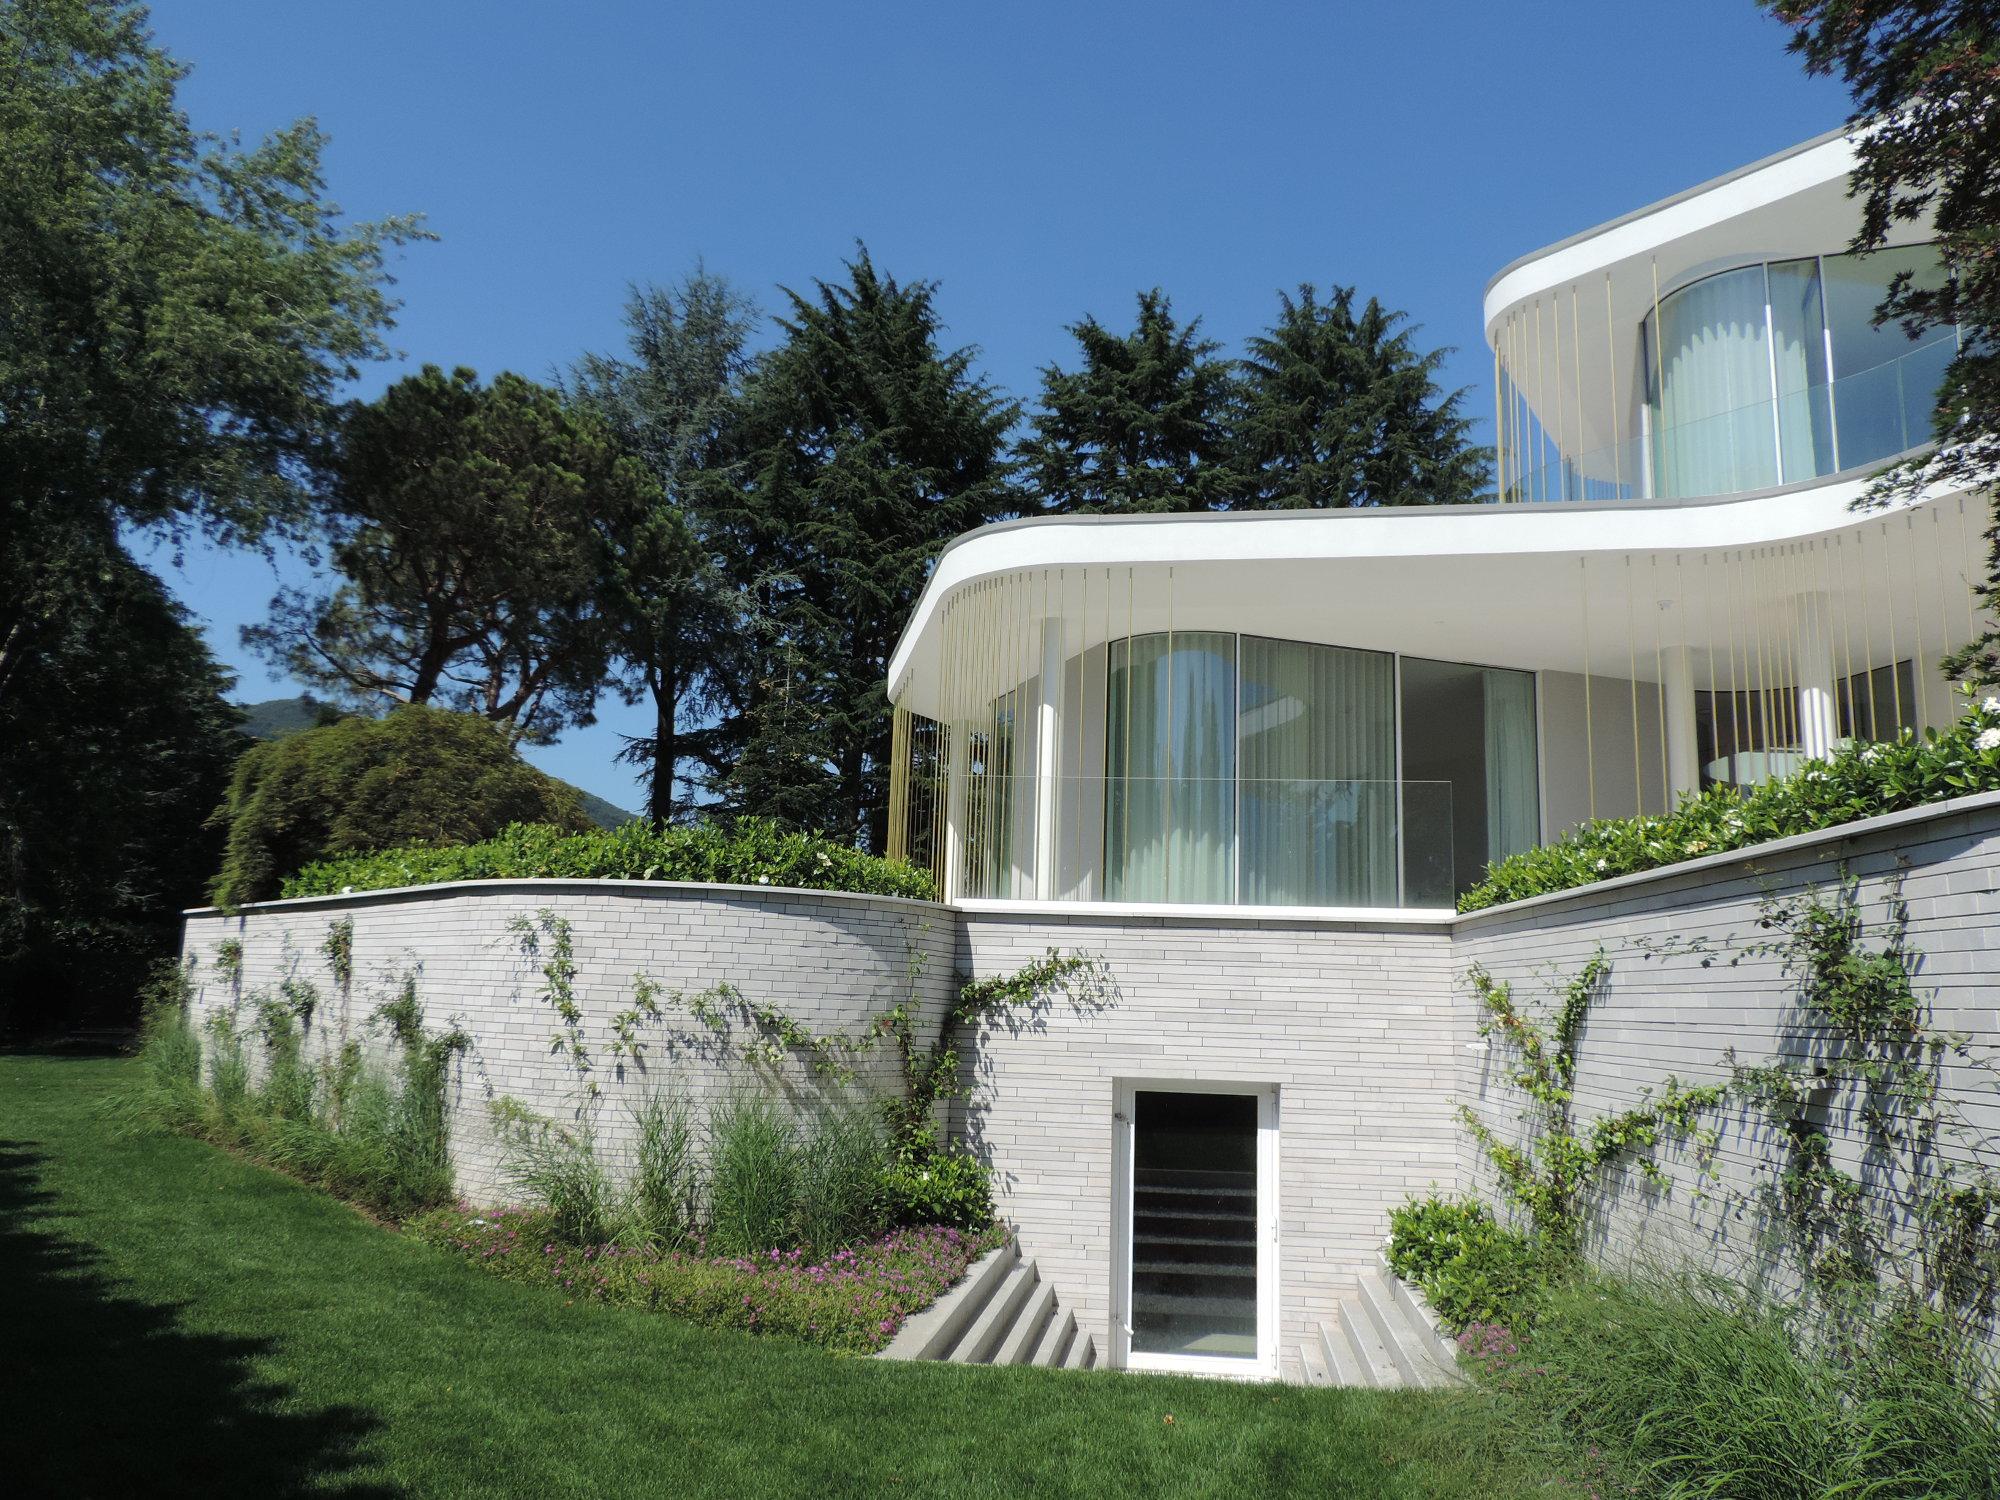 0718_RobertoManzetti-Architetto-NeuHouse-16